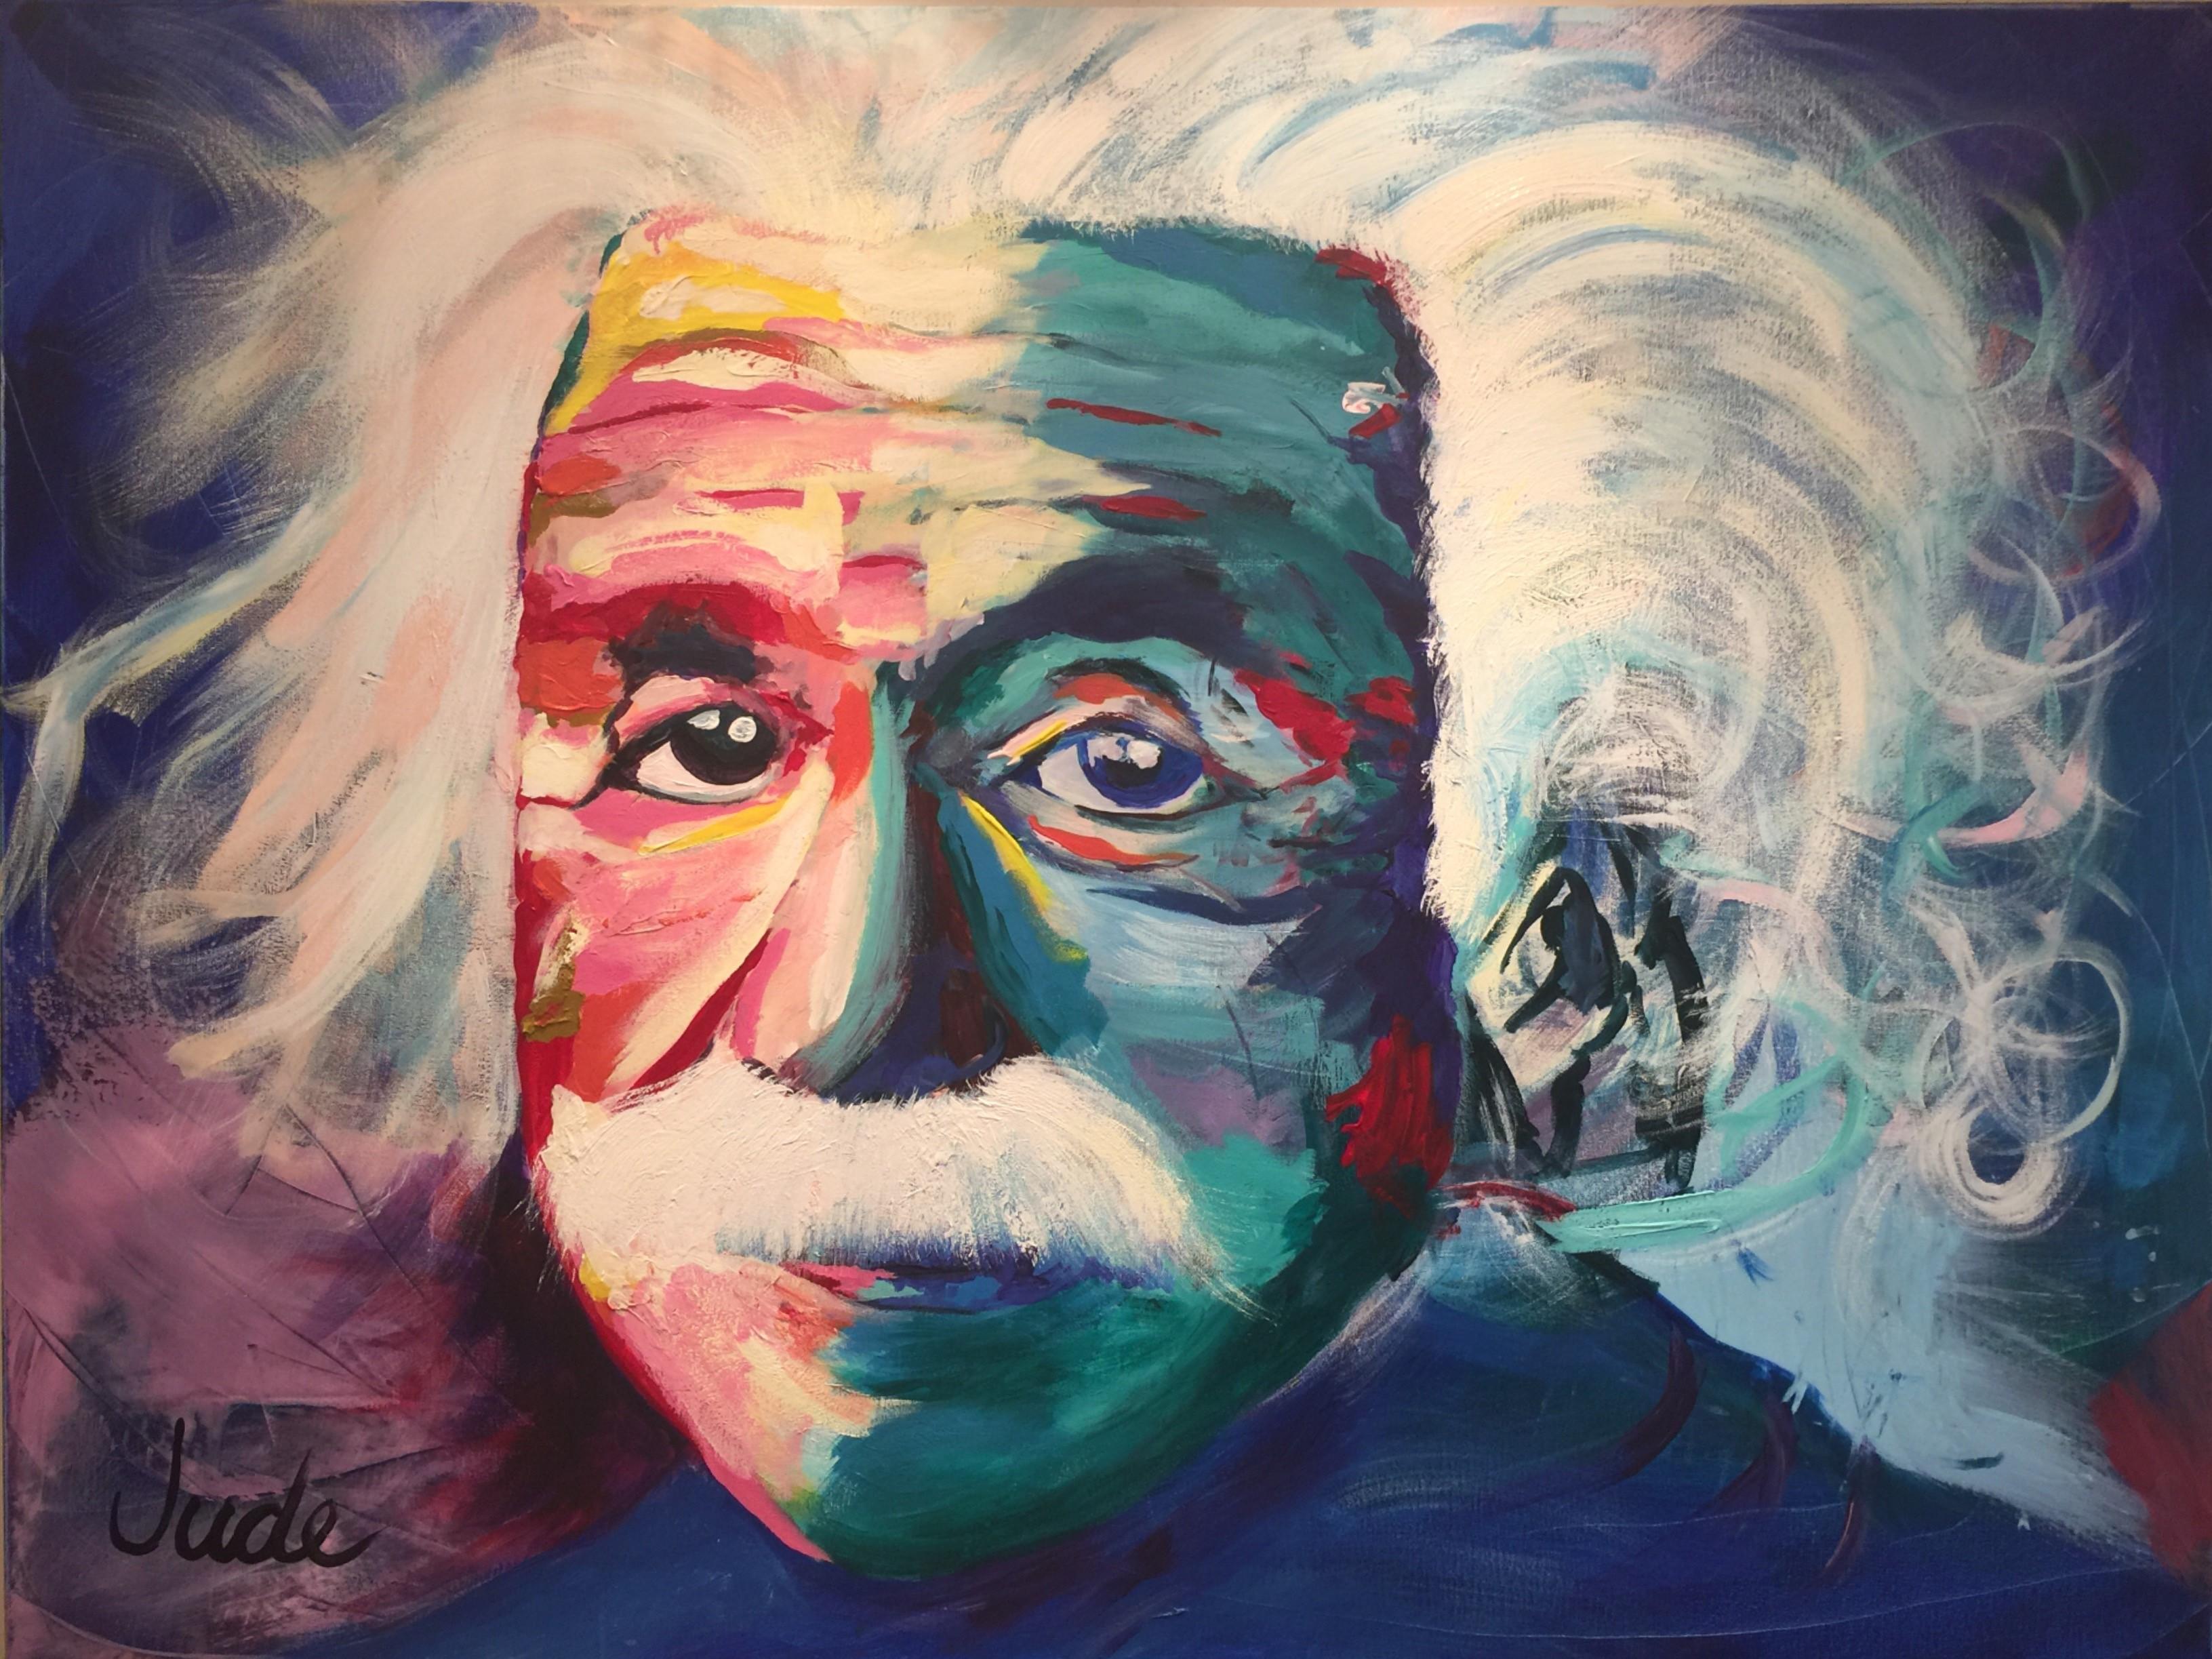 Exhibit 20: Albert Einstein